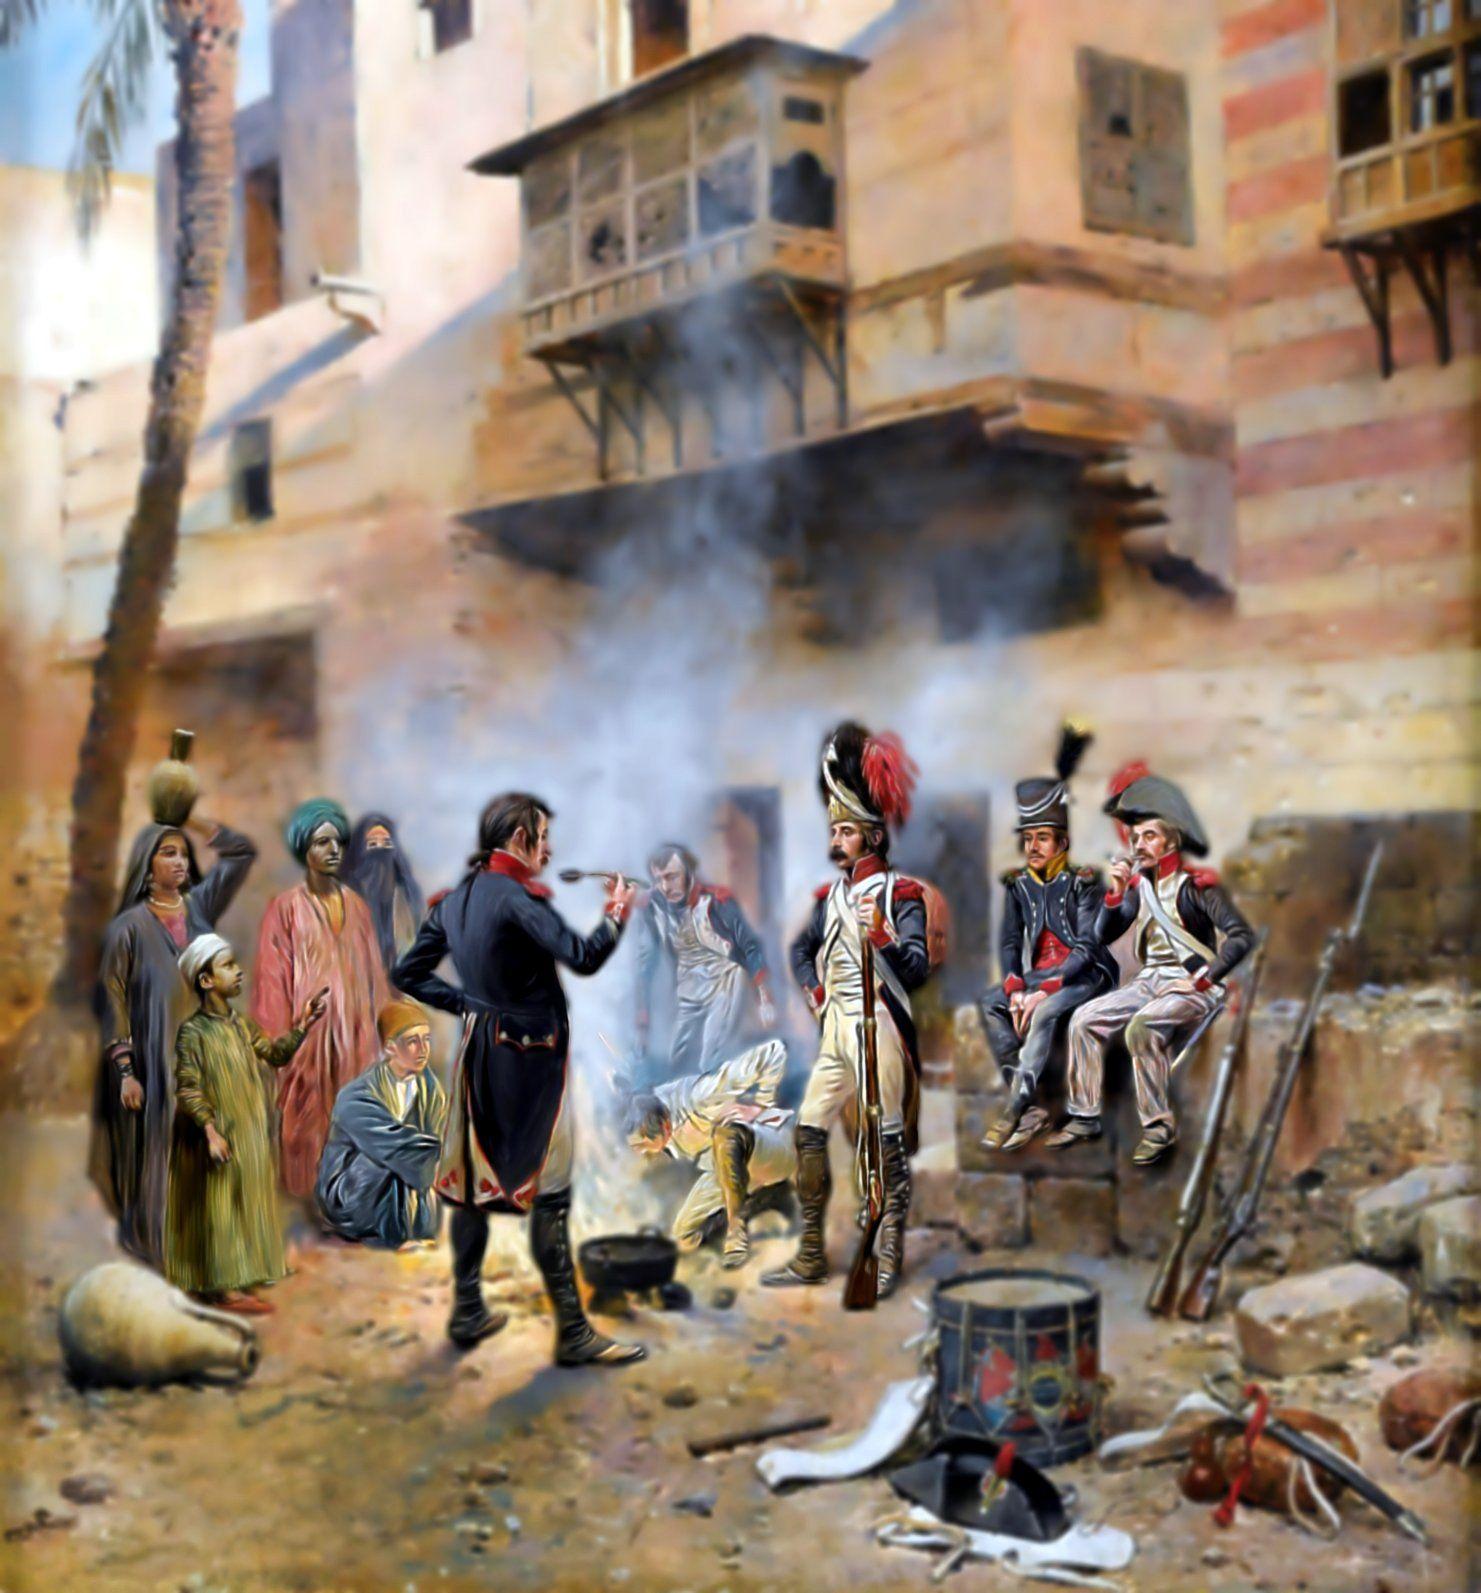 Bivacco francese in Egitto